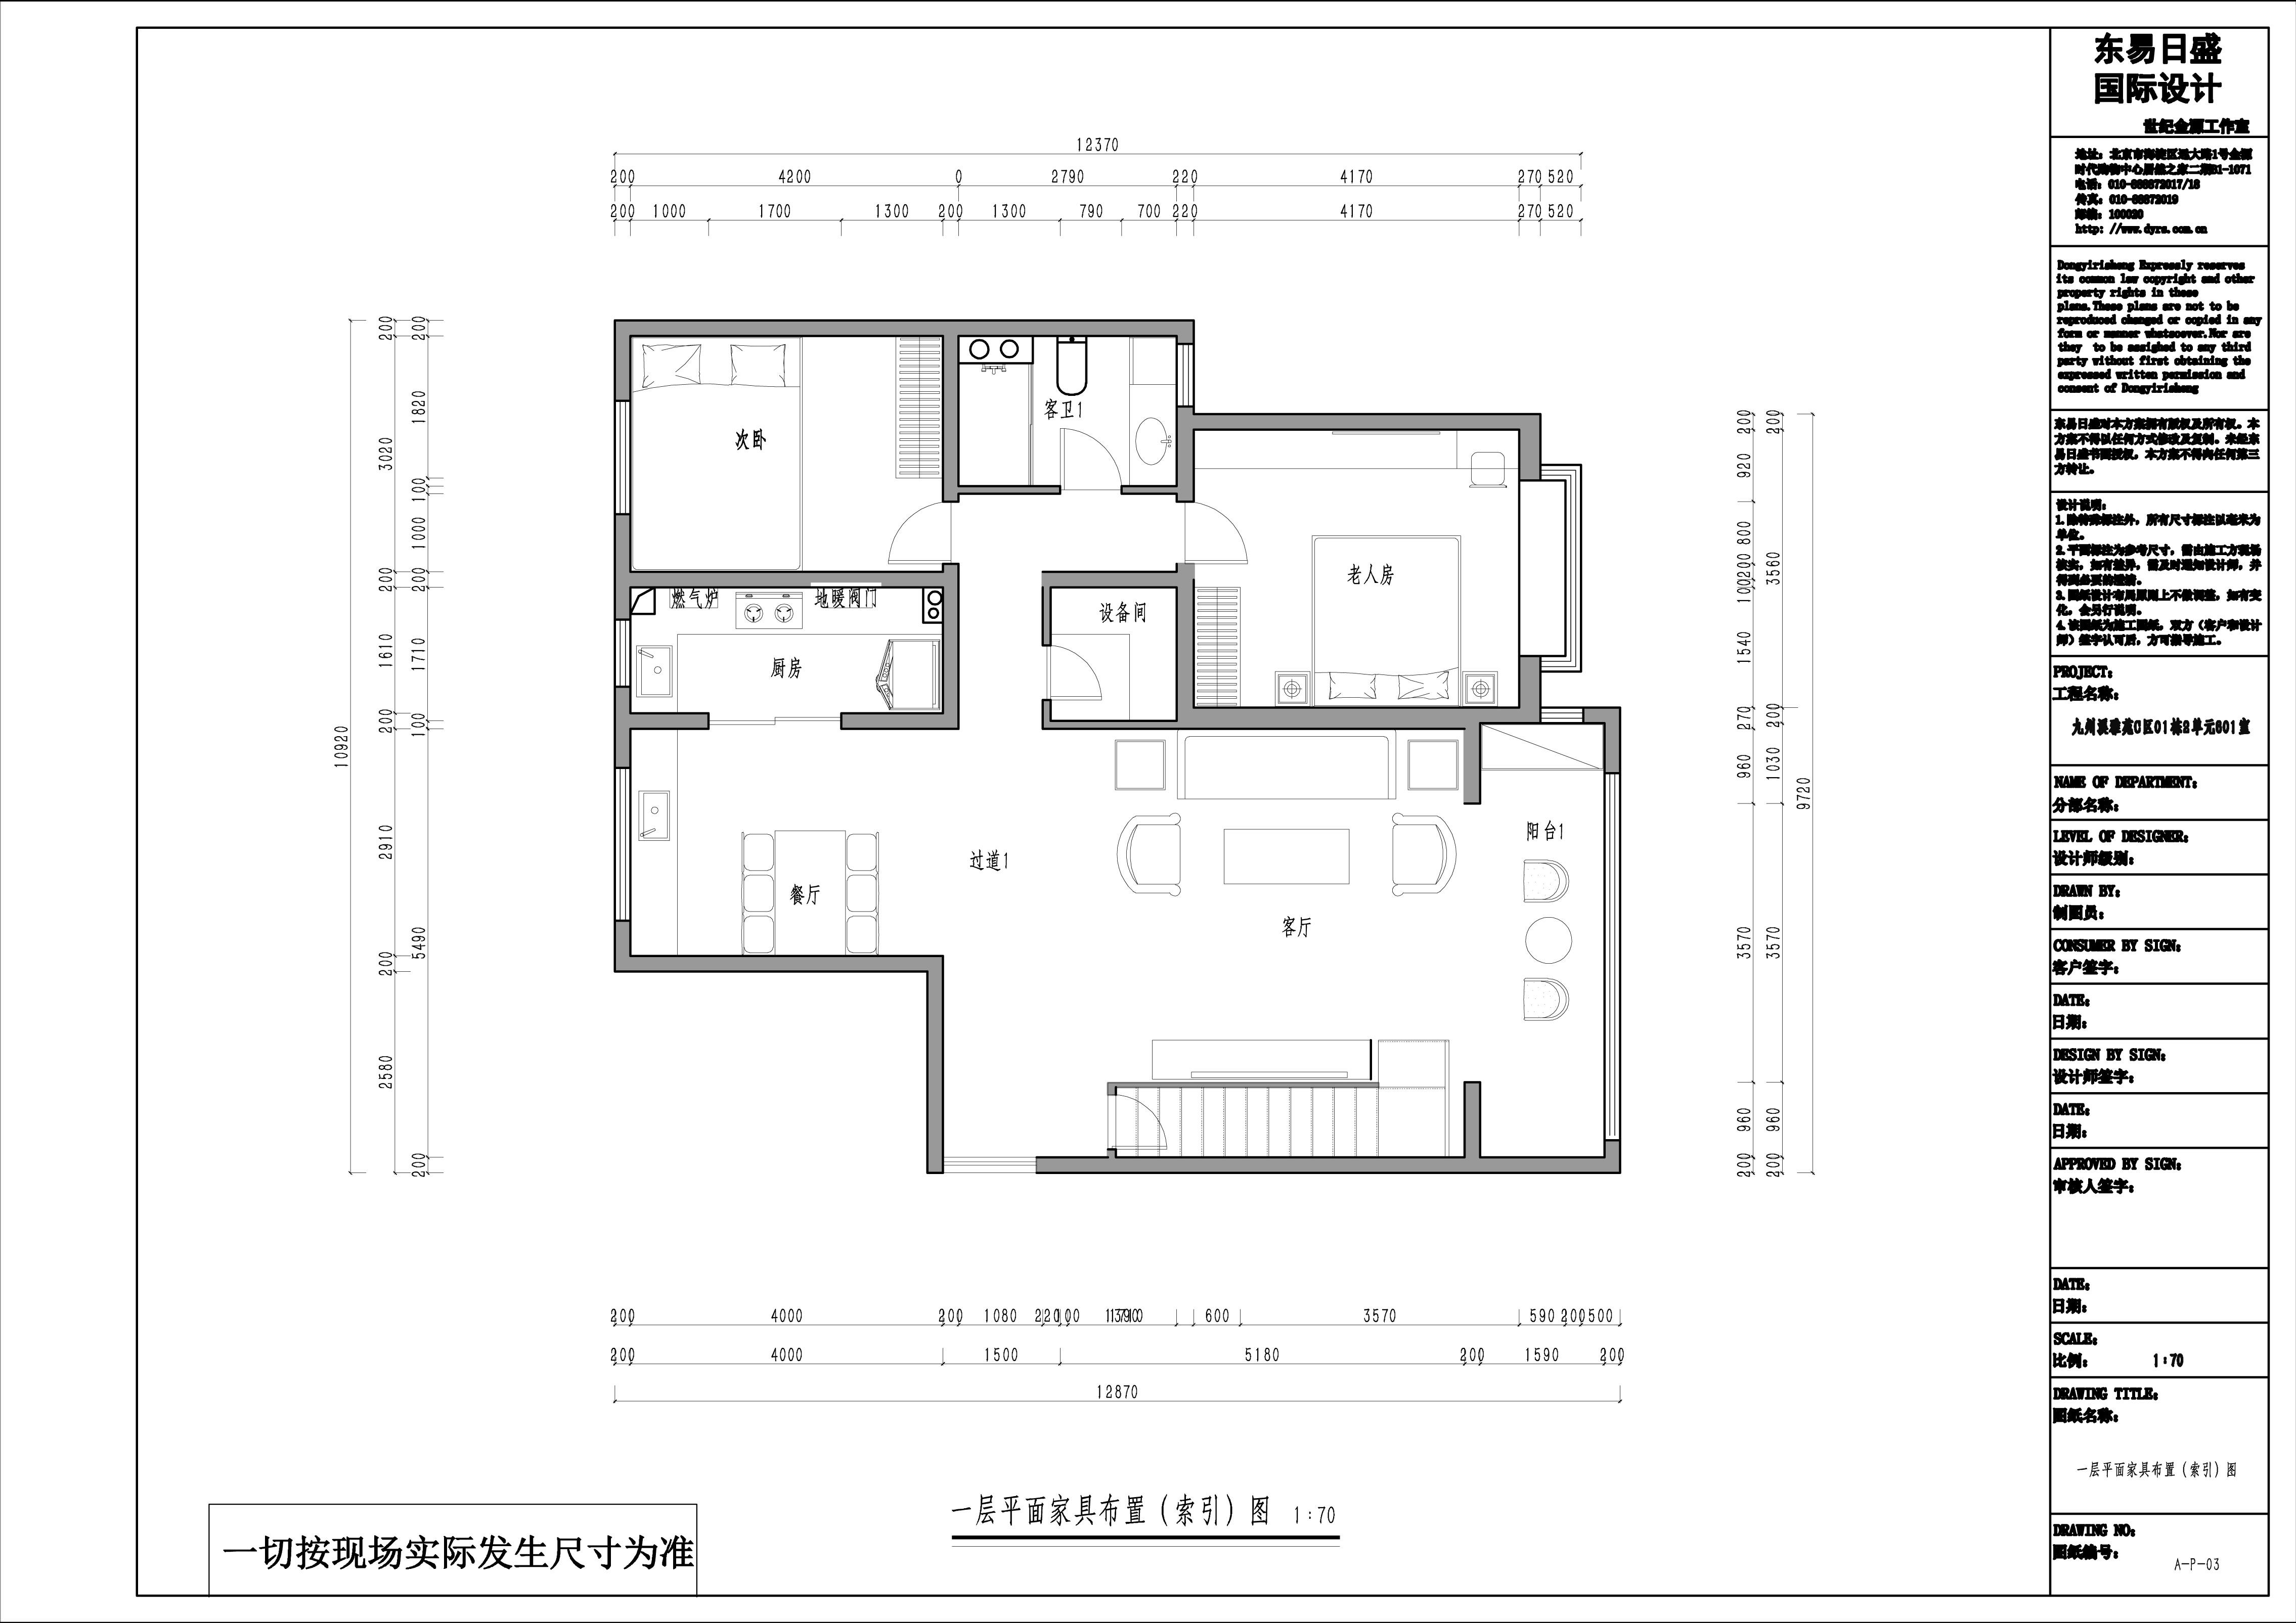 九州溪雅苑-现代简约-190平米装修设计理念